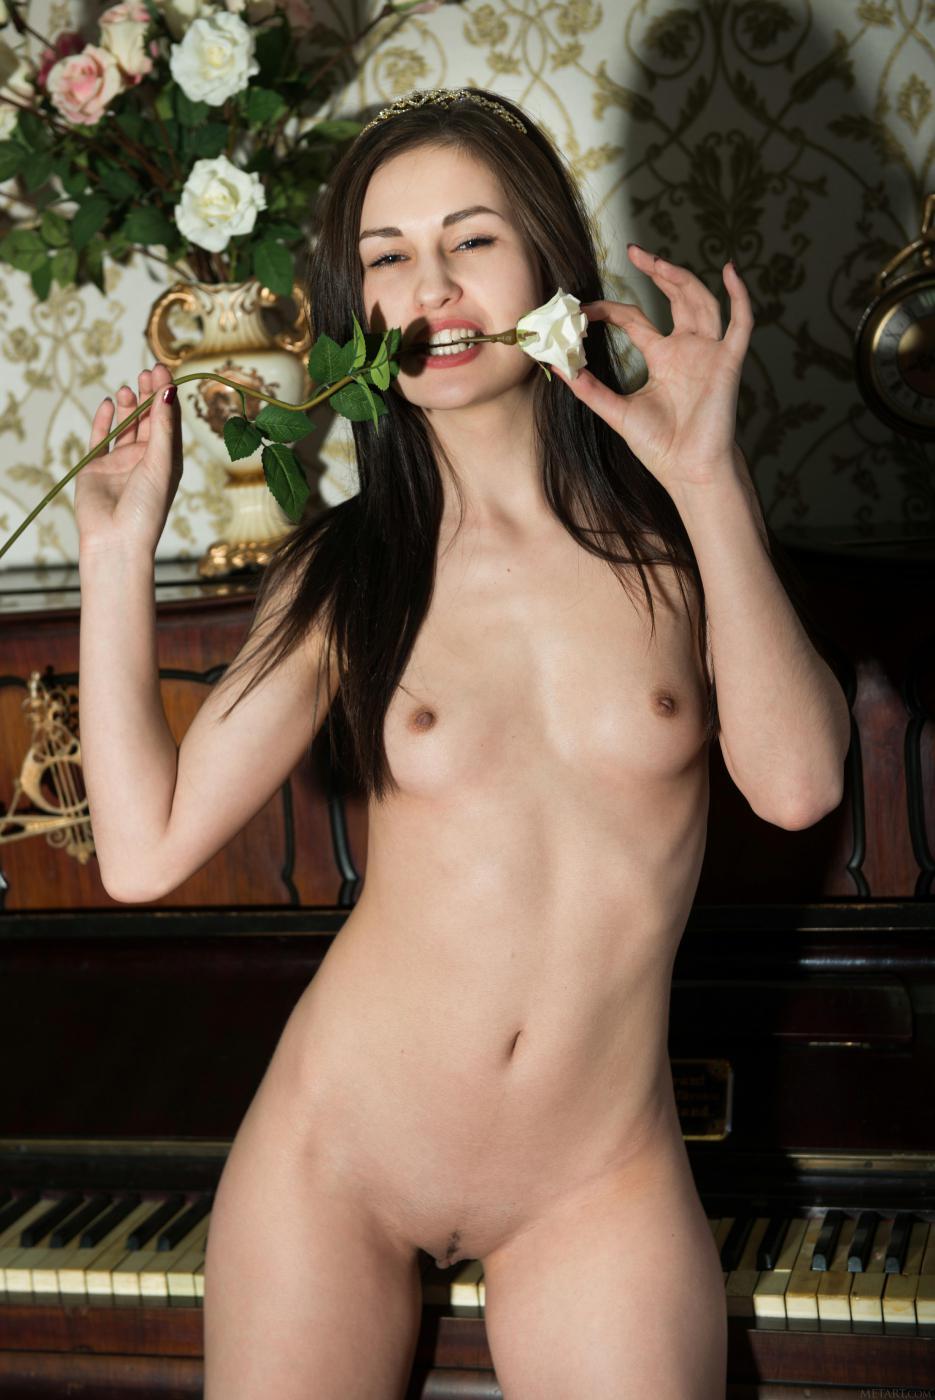 Вместо игры на пианино, негодная потаскушка Lilian A раздевается и позирует обнаженной